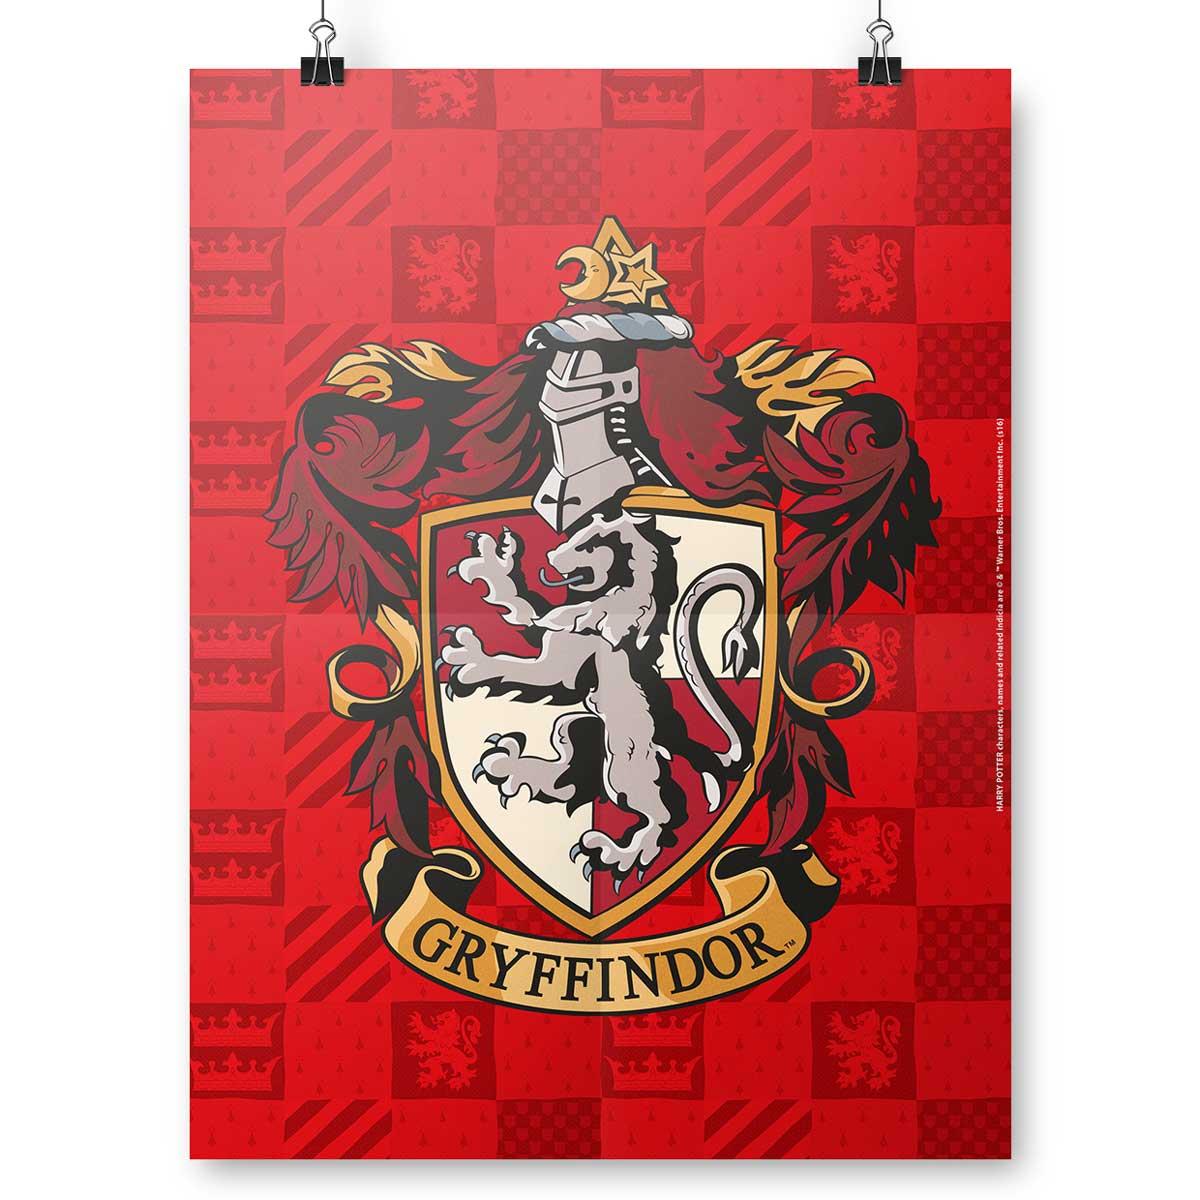 P�ster Harry Potter Gryffindor